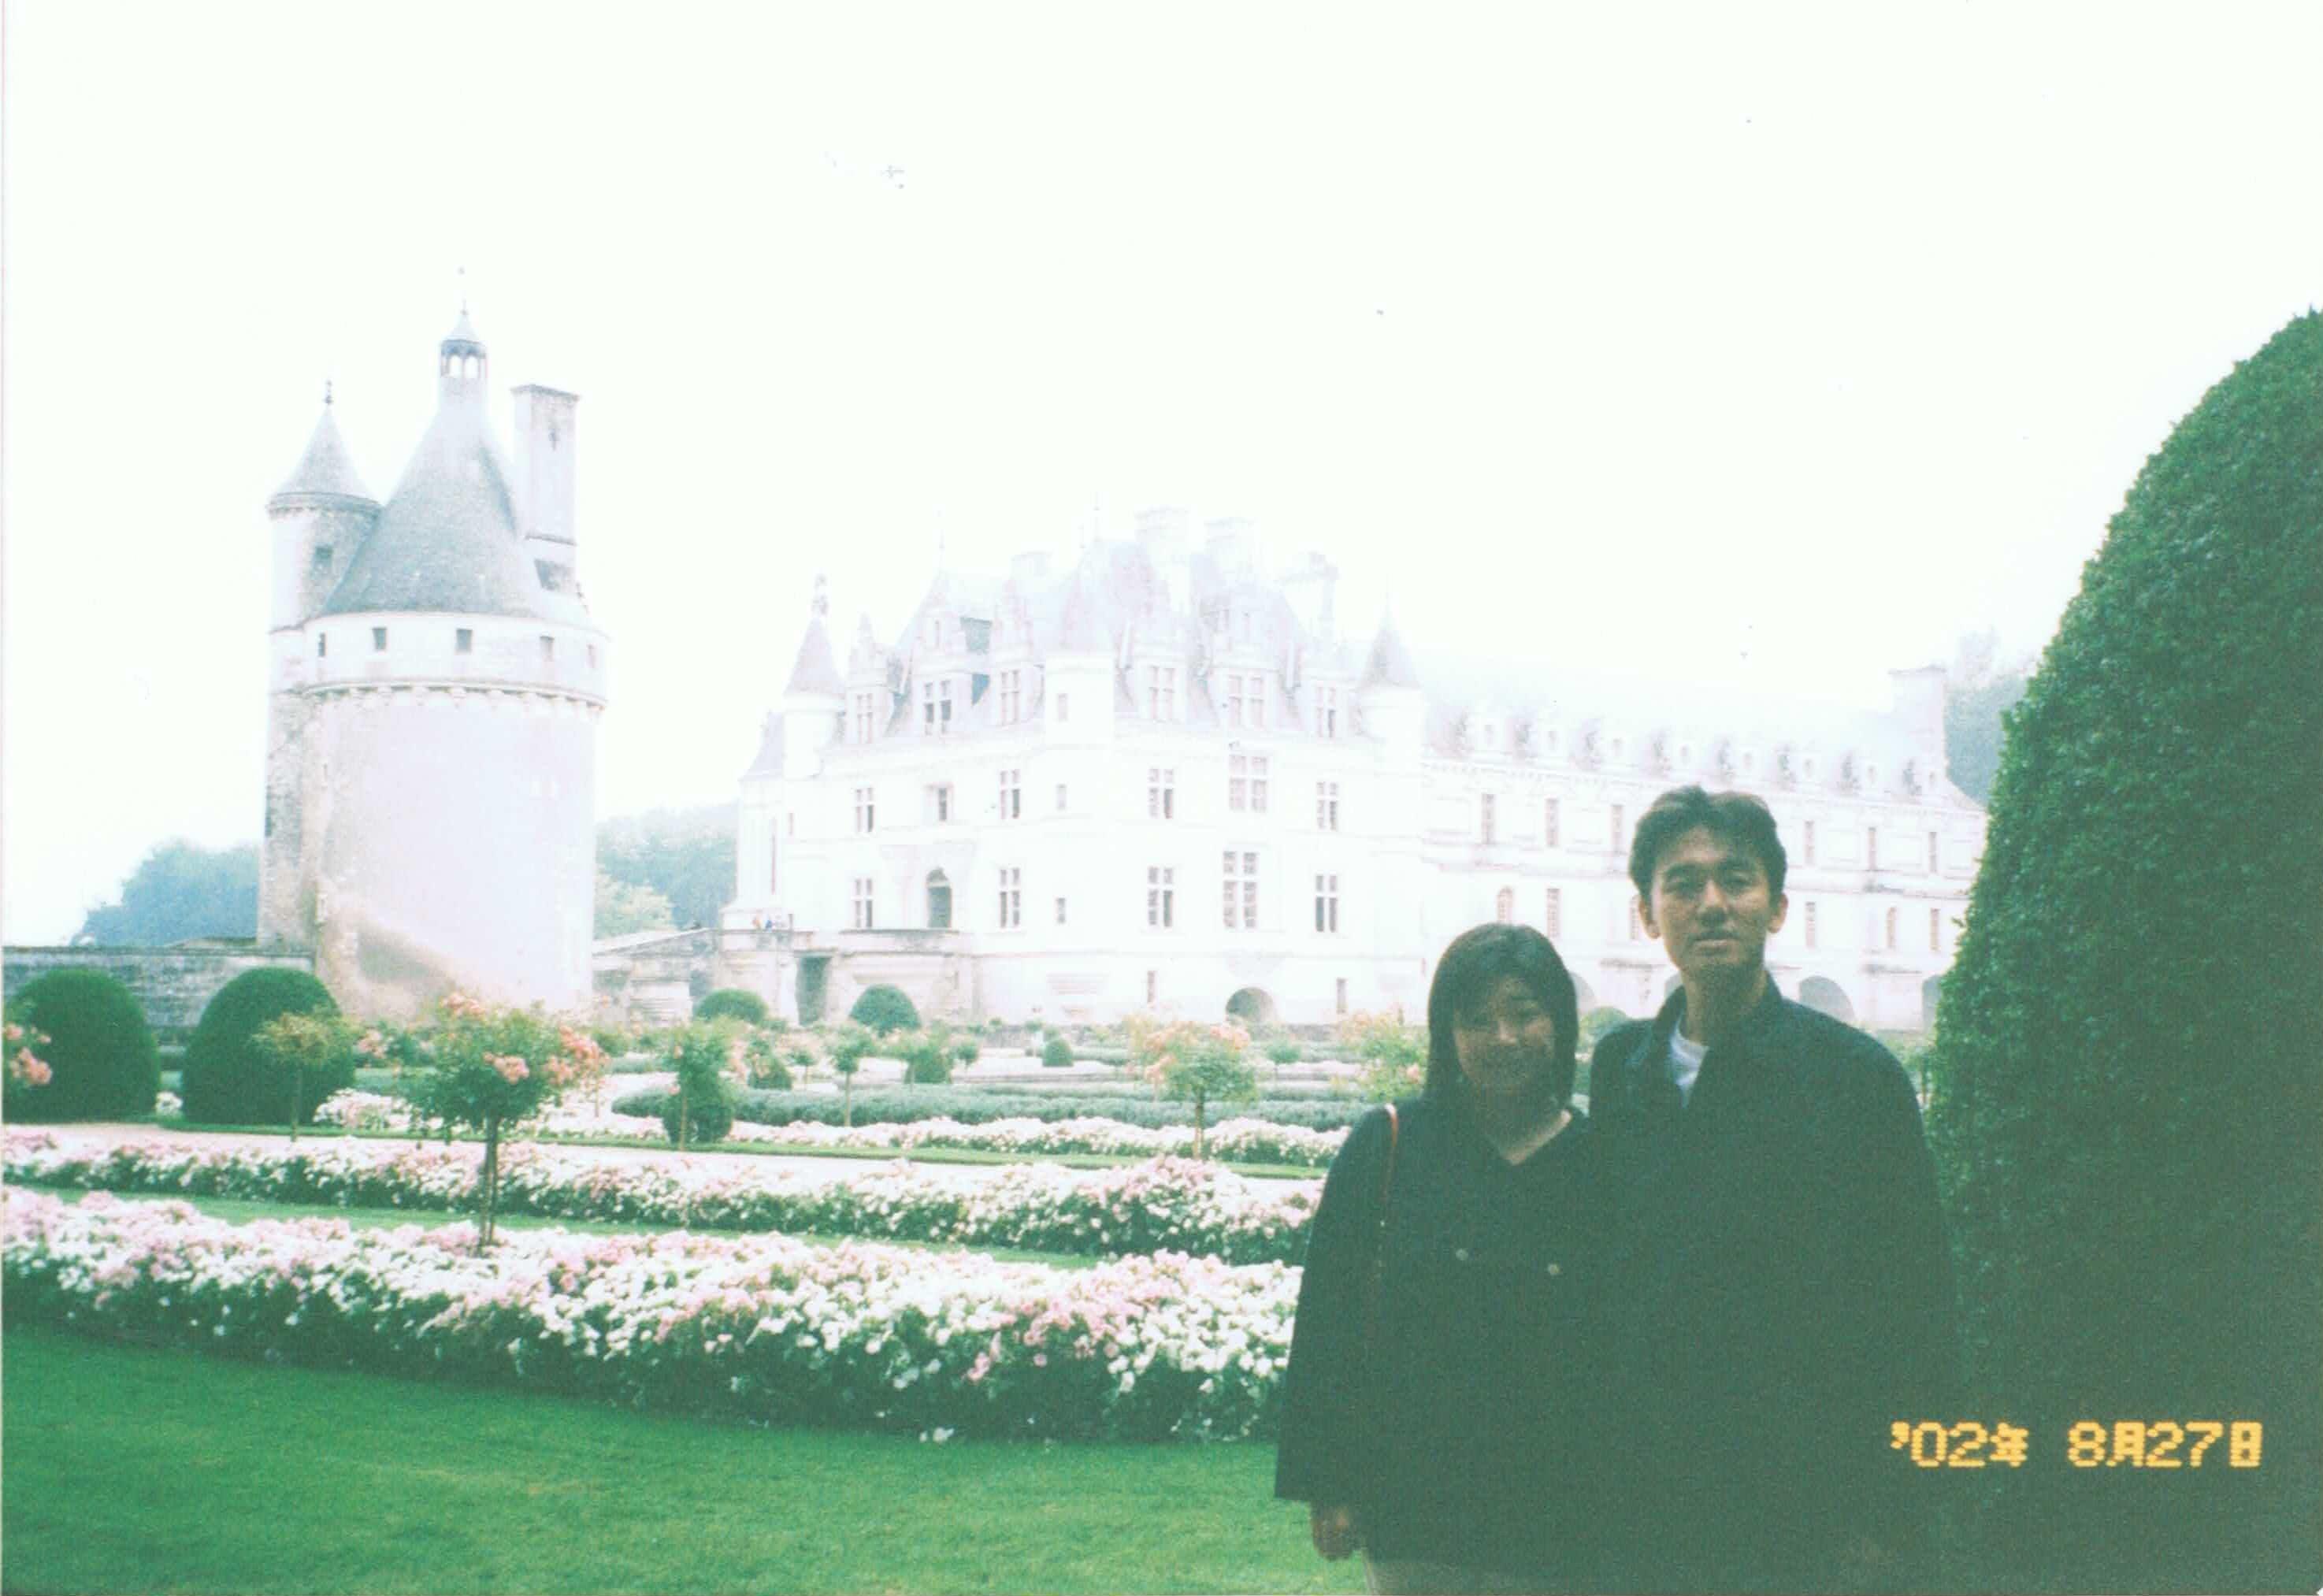 シュノンソー城の画像 p1_5